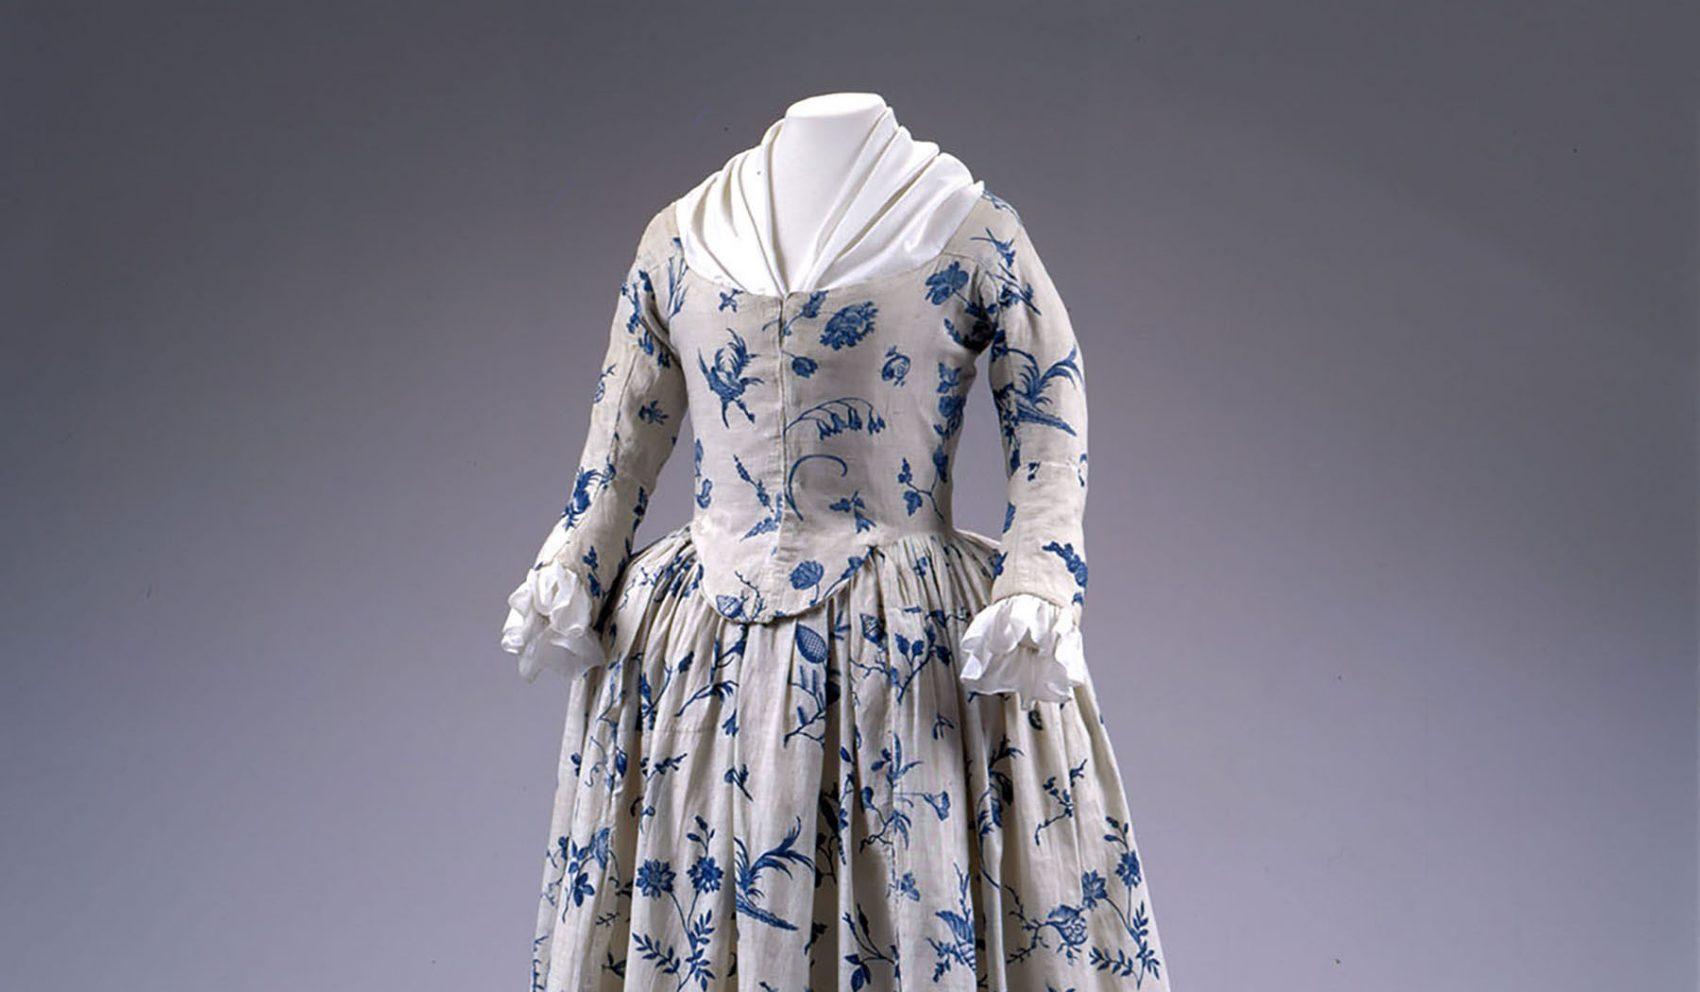 Deborah Sampson's wedding dress